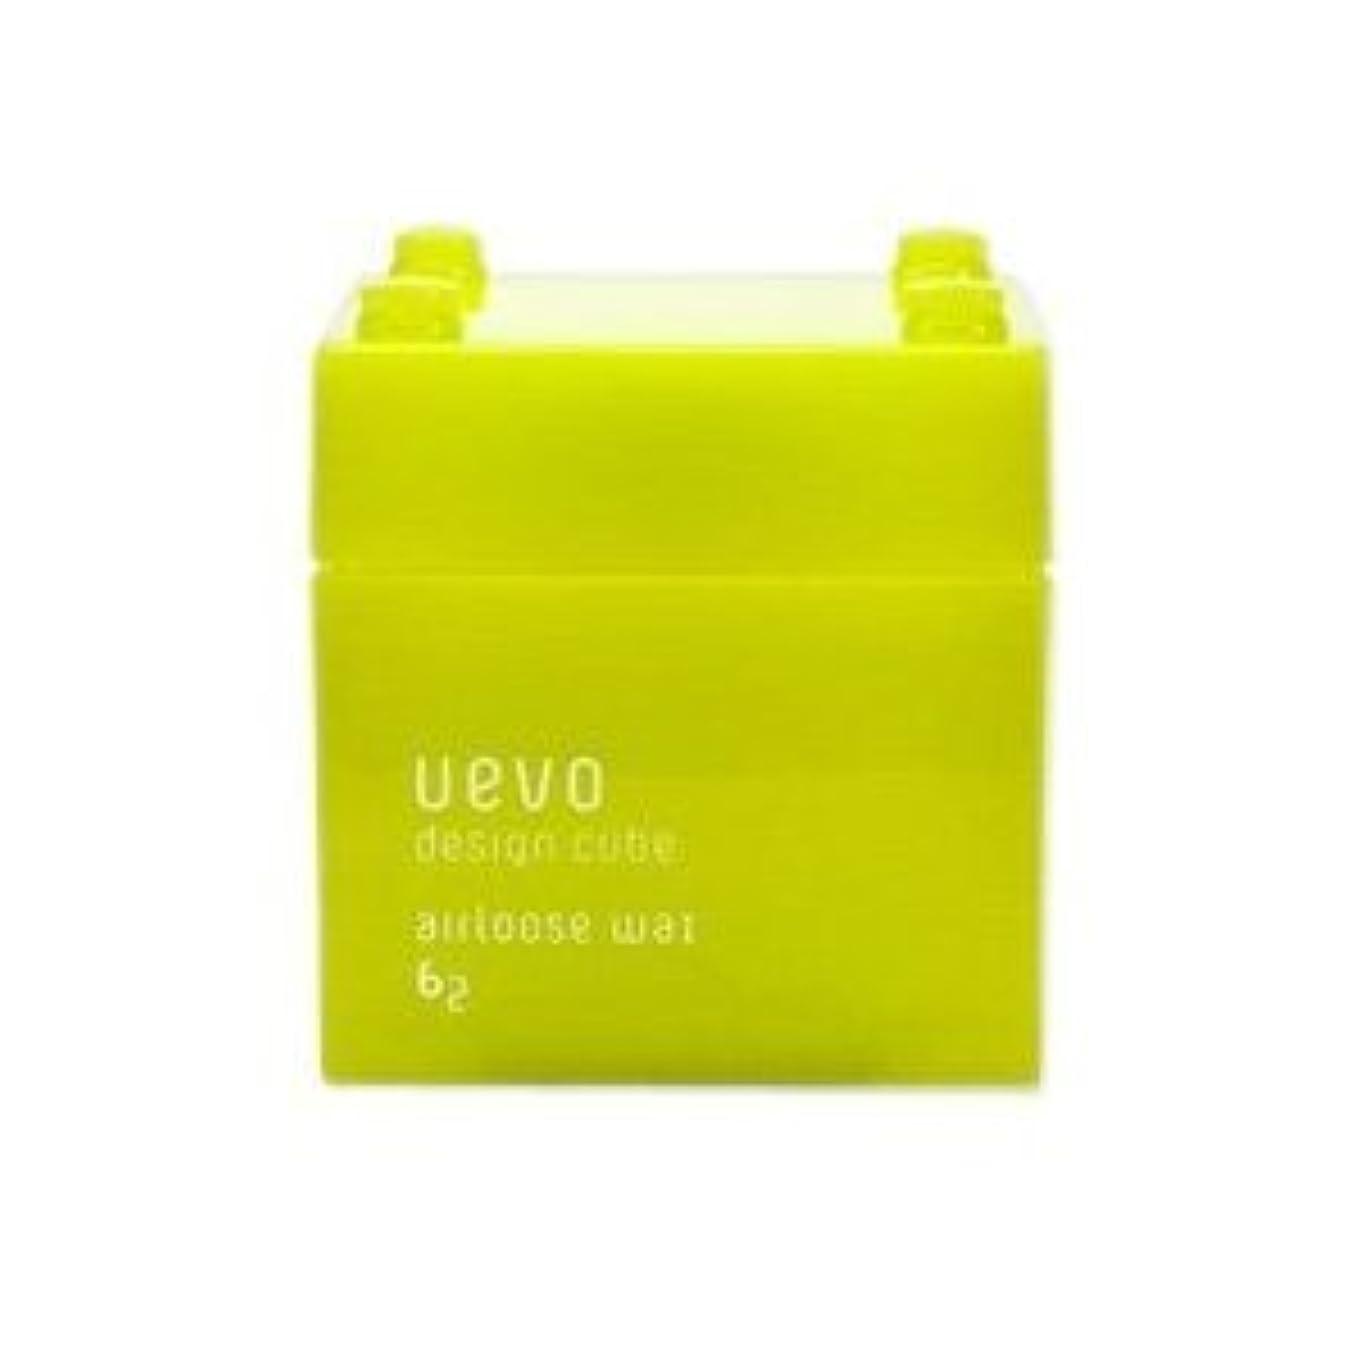 叫ぶ成功パターン【X2個セット】 デミ ウェーボ デザインキューブ エアルーズワックス 80g airloose wax DEMI uevo design cube